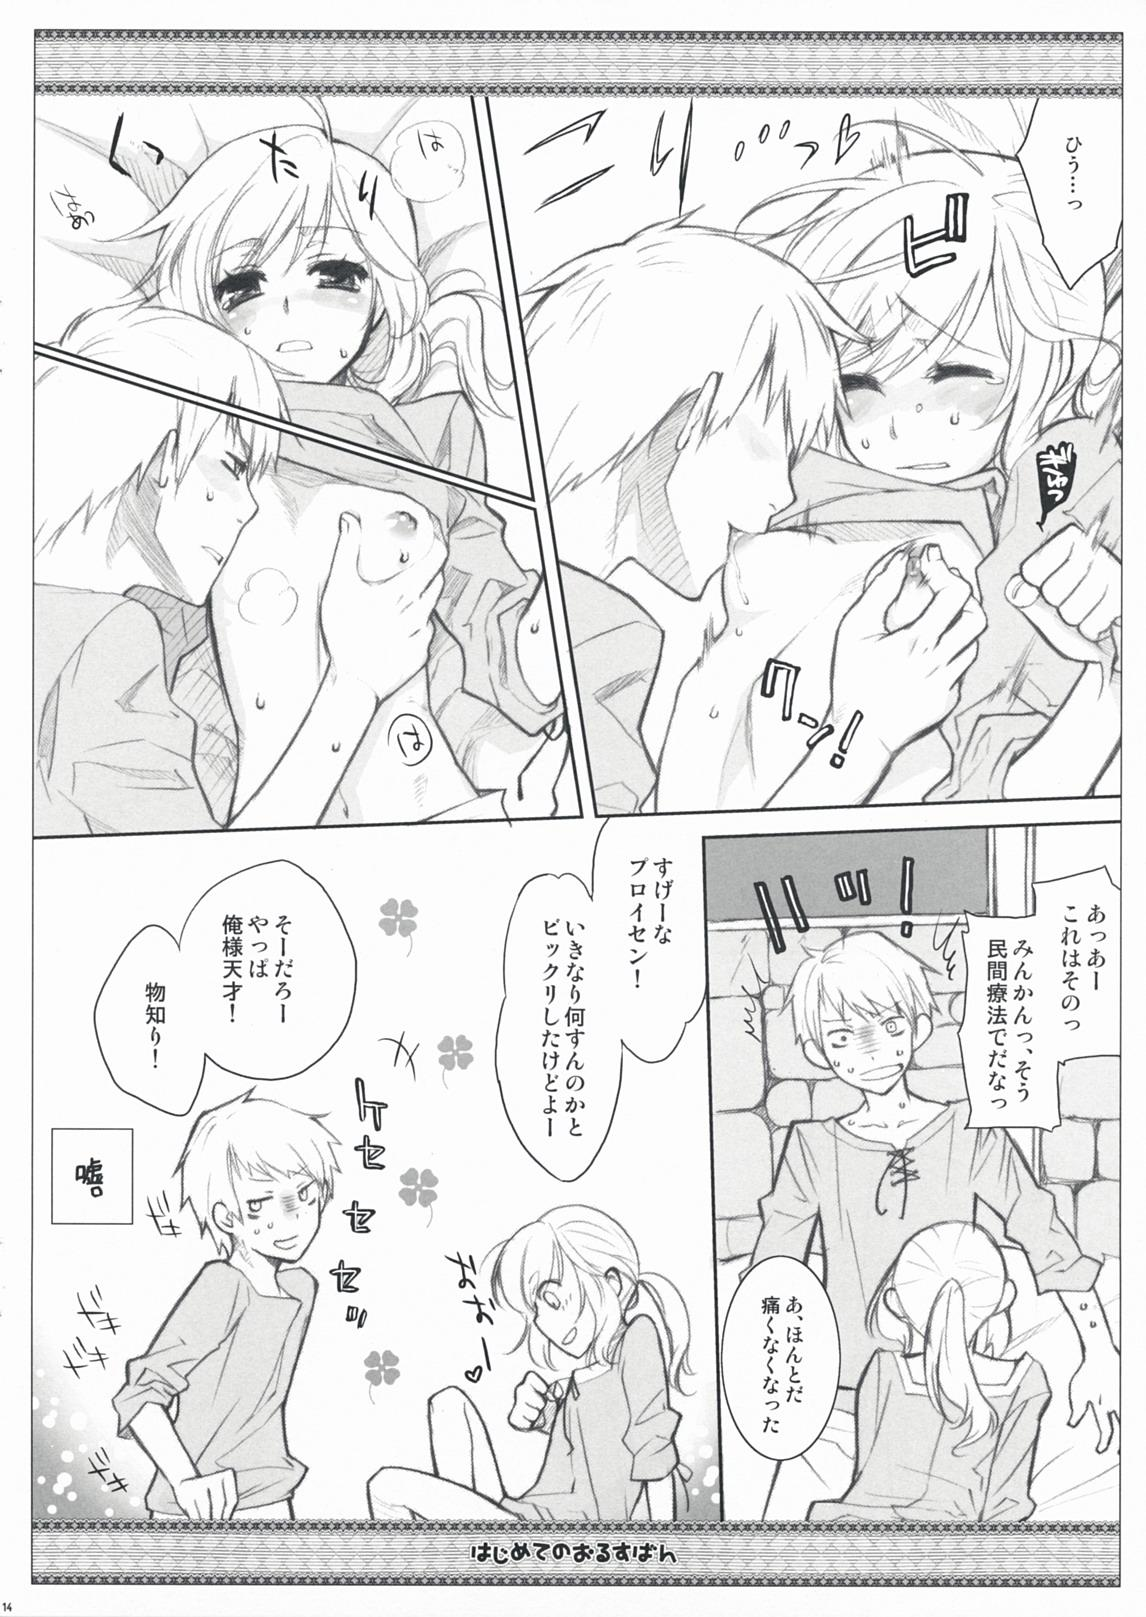 Hajimete no Orosuban 13